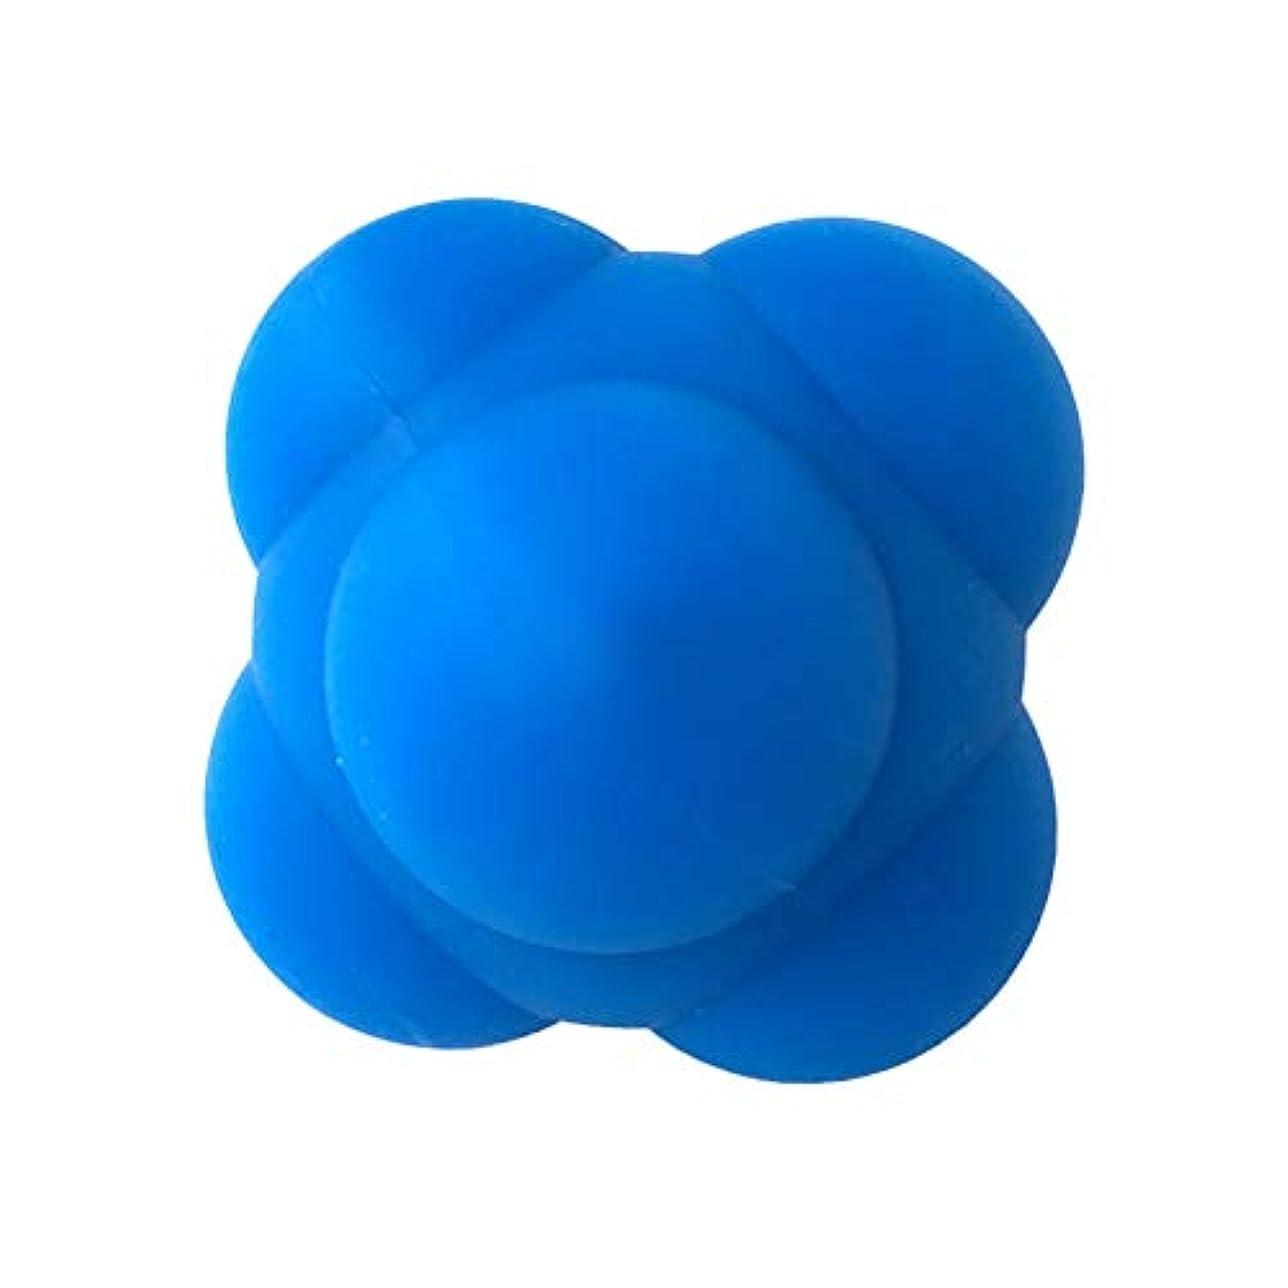 刈る雇った漫画SUPVOX 野球 練習用品 トレーニングボール ヘキサゴンボール リアクションボール スポーツボール6cm(青)